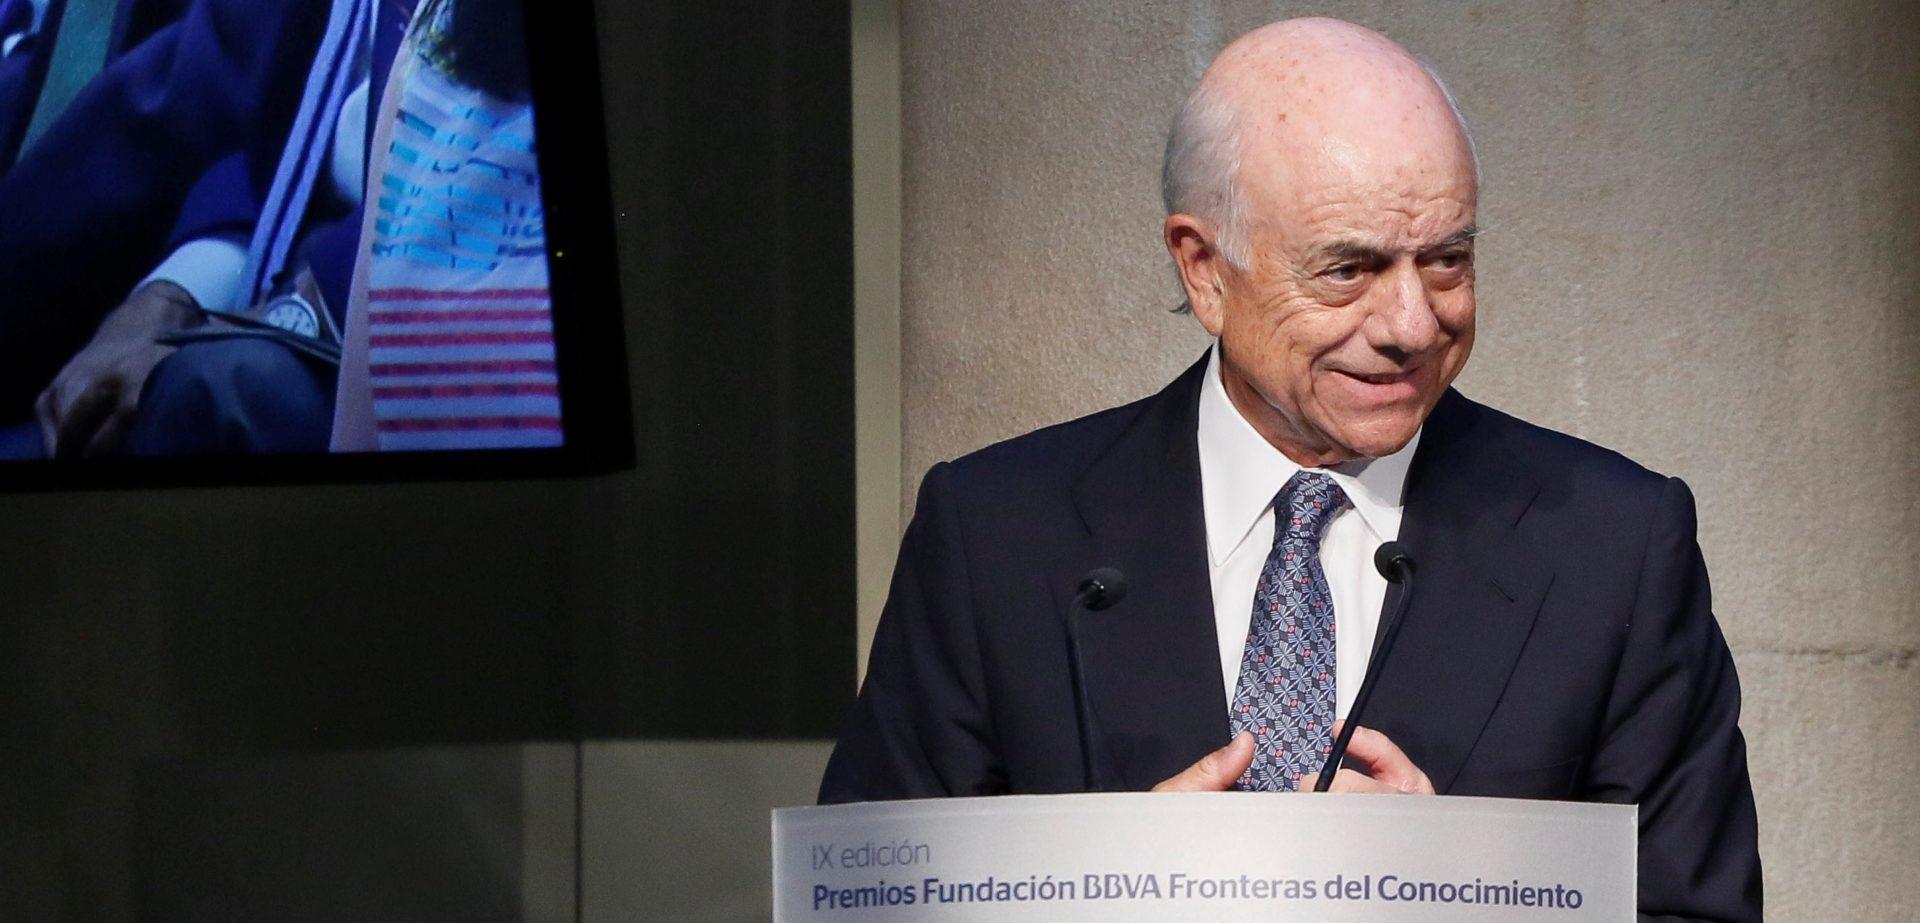 Imagen de Francisco González, presidente de BBVA, durante la ceremonia de entrega de los Premios Fronteras del Conocimiento